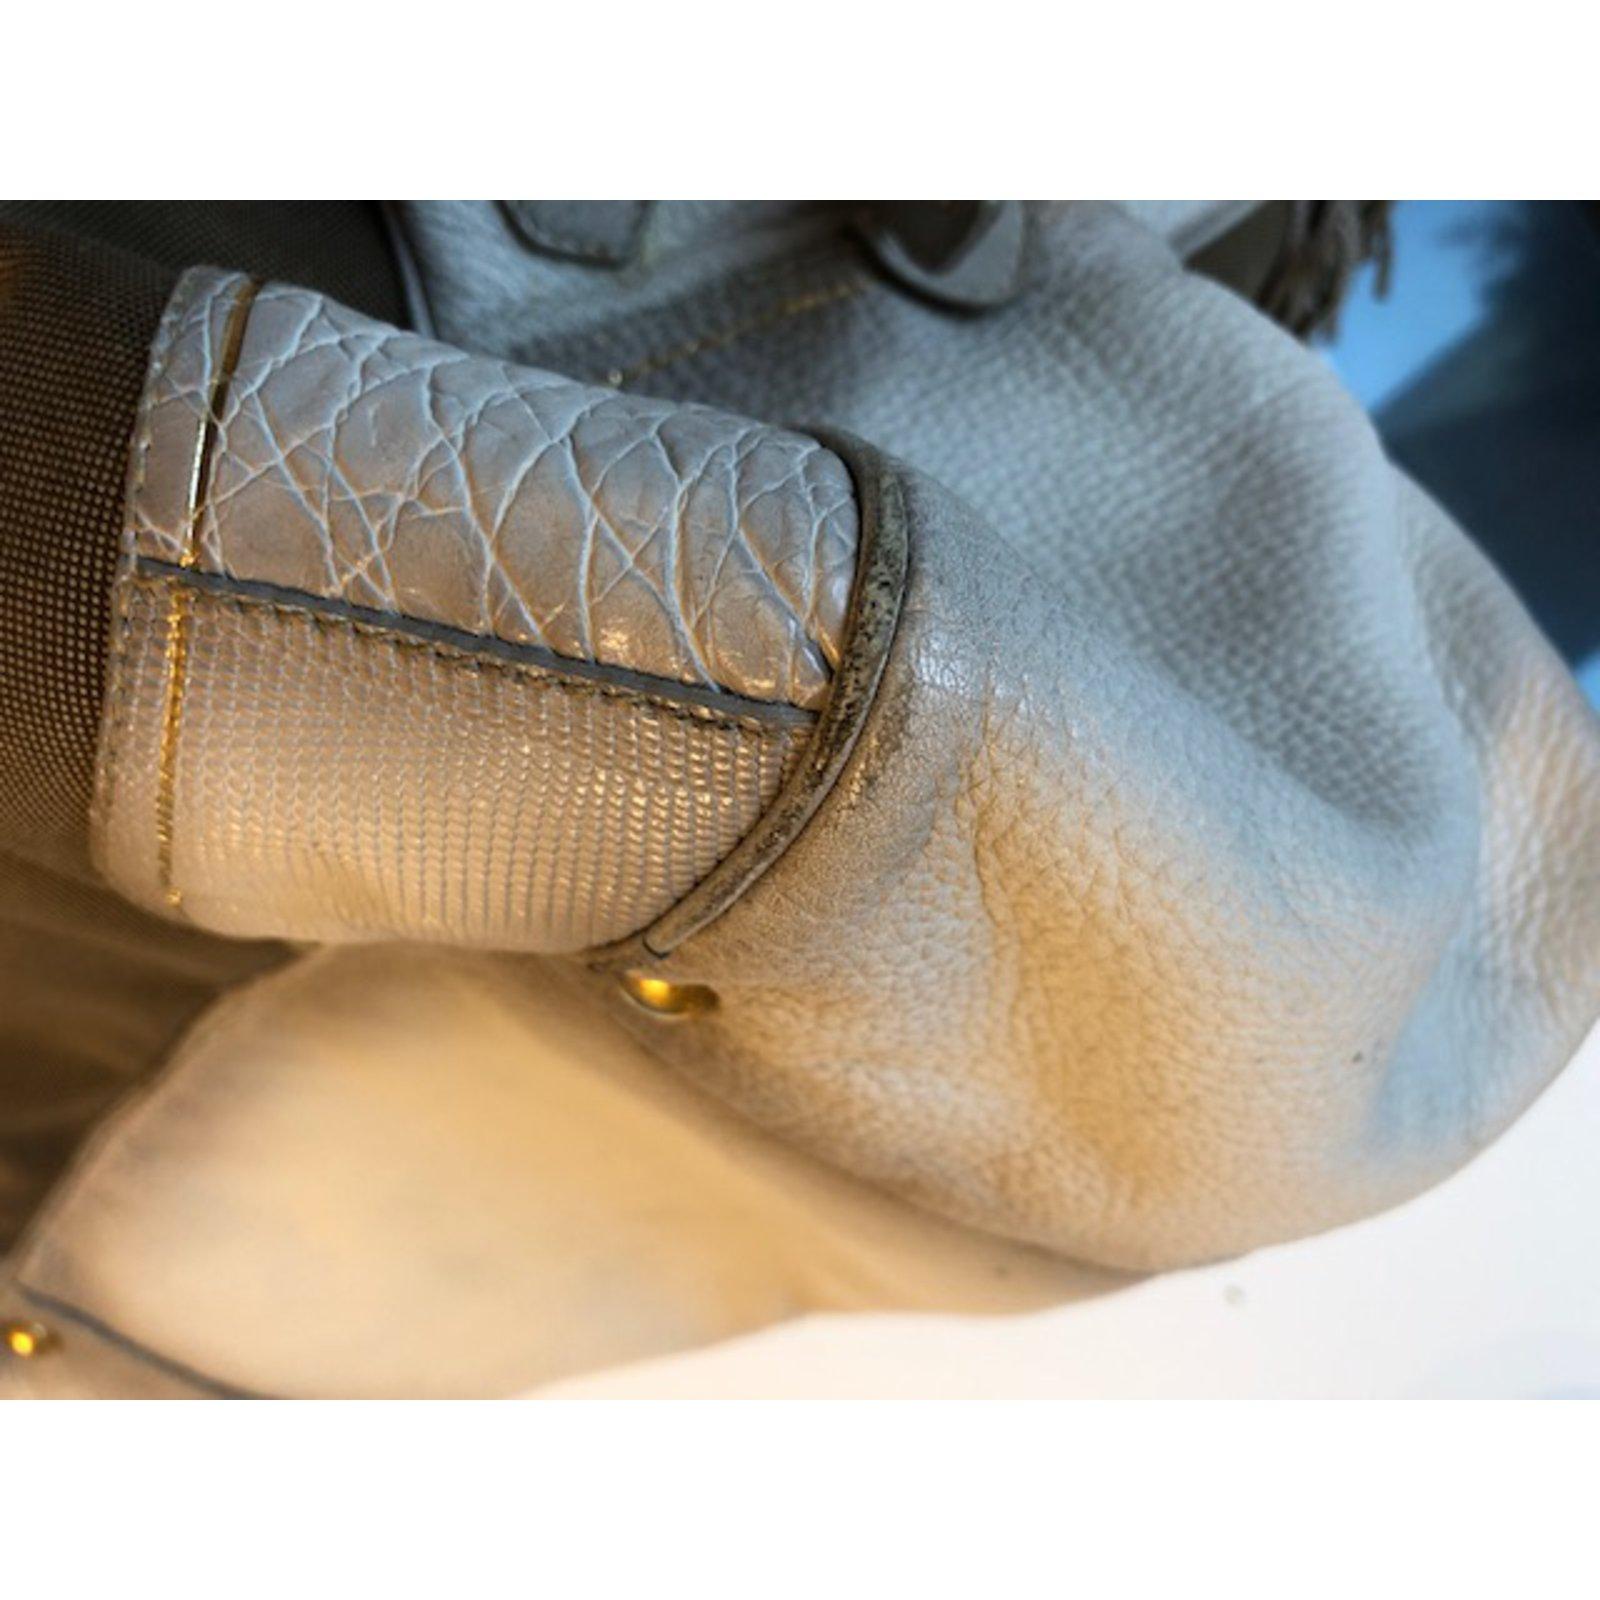 b5e9c95e43 Facebook · Pin This. Prada Handbags Handbags Cloth Beige ref.67874